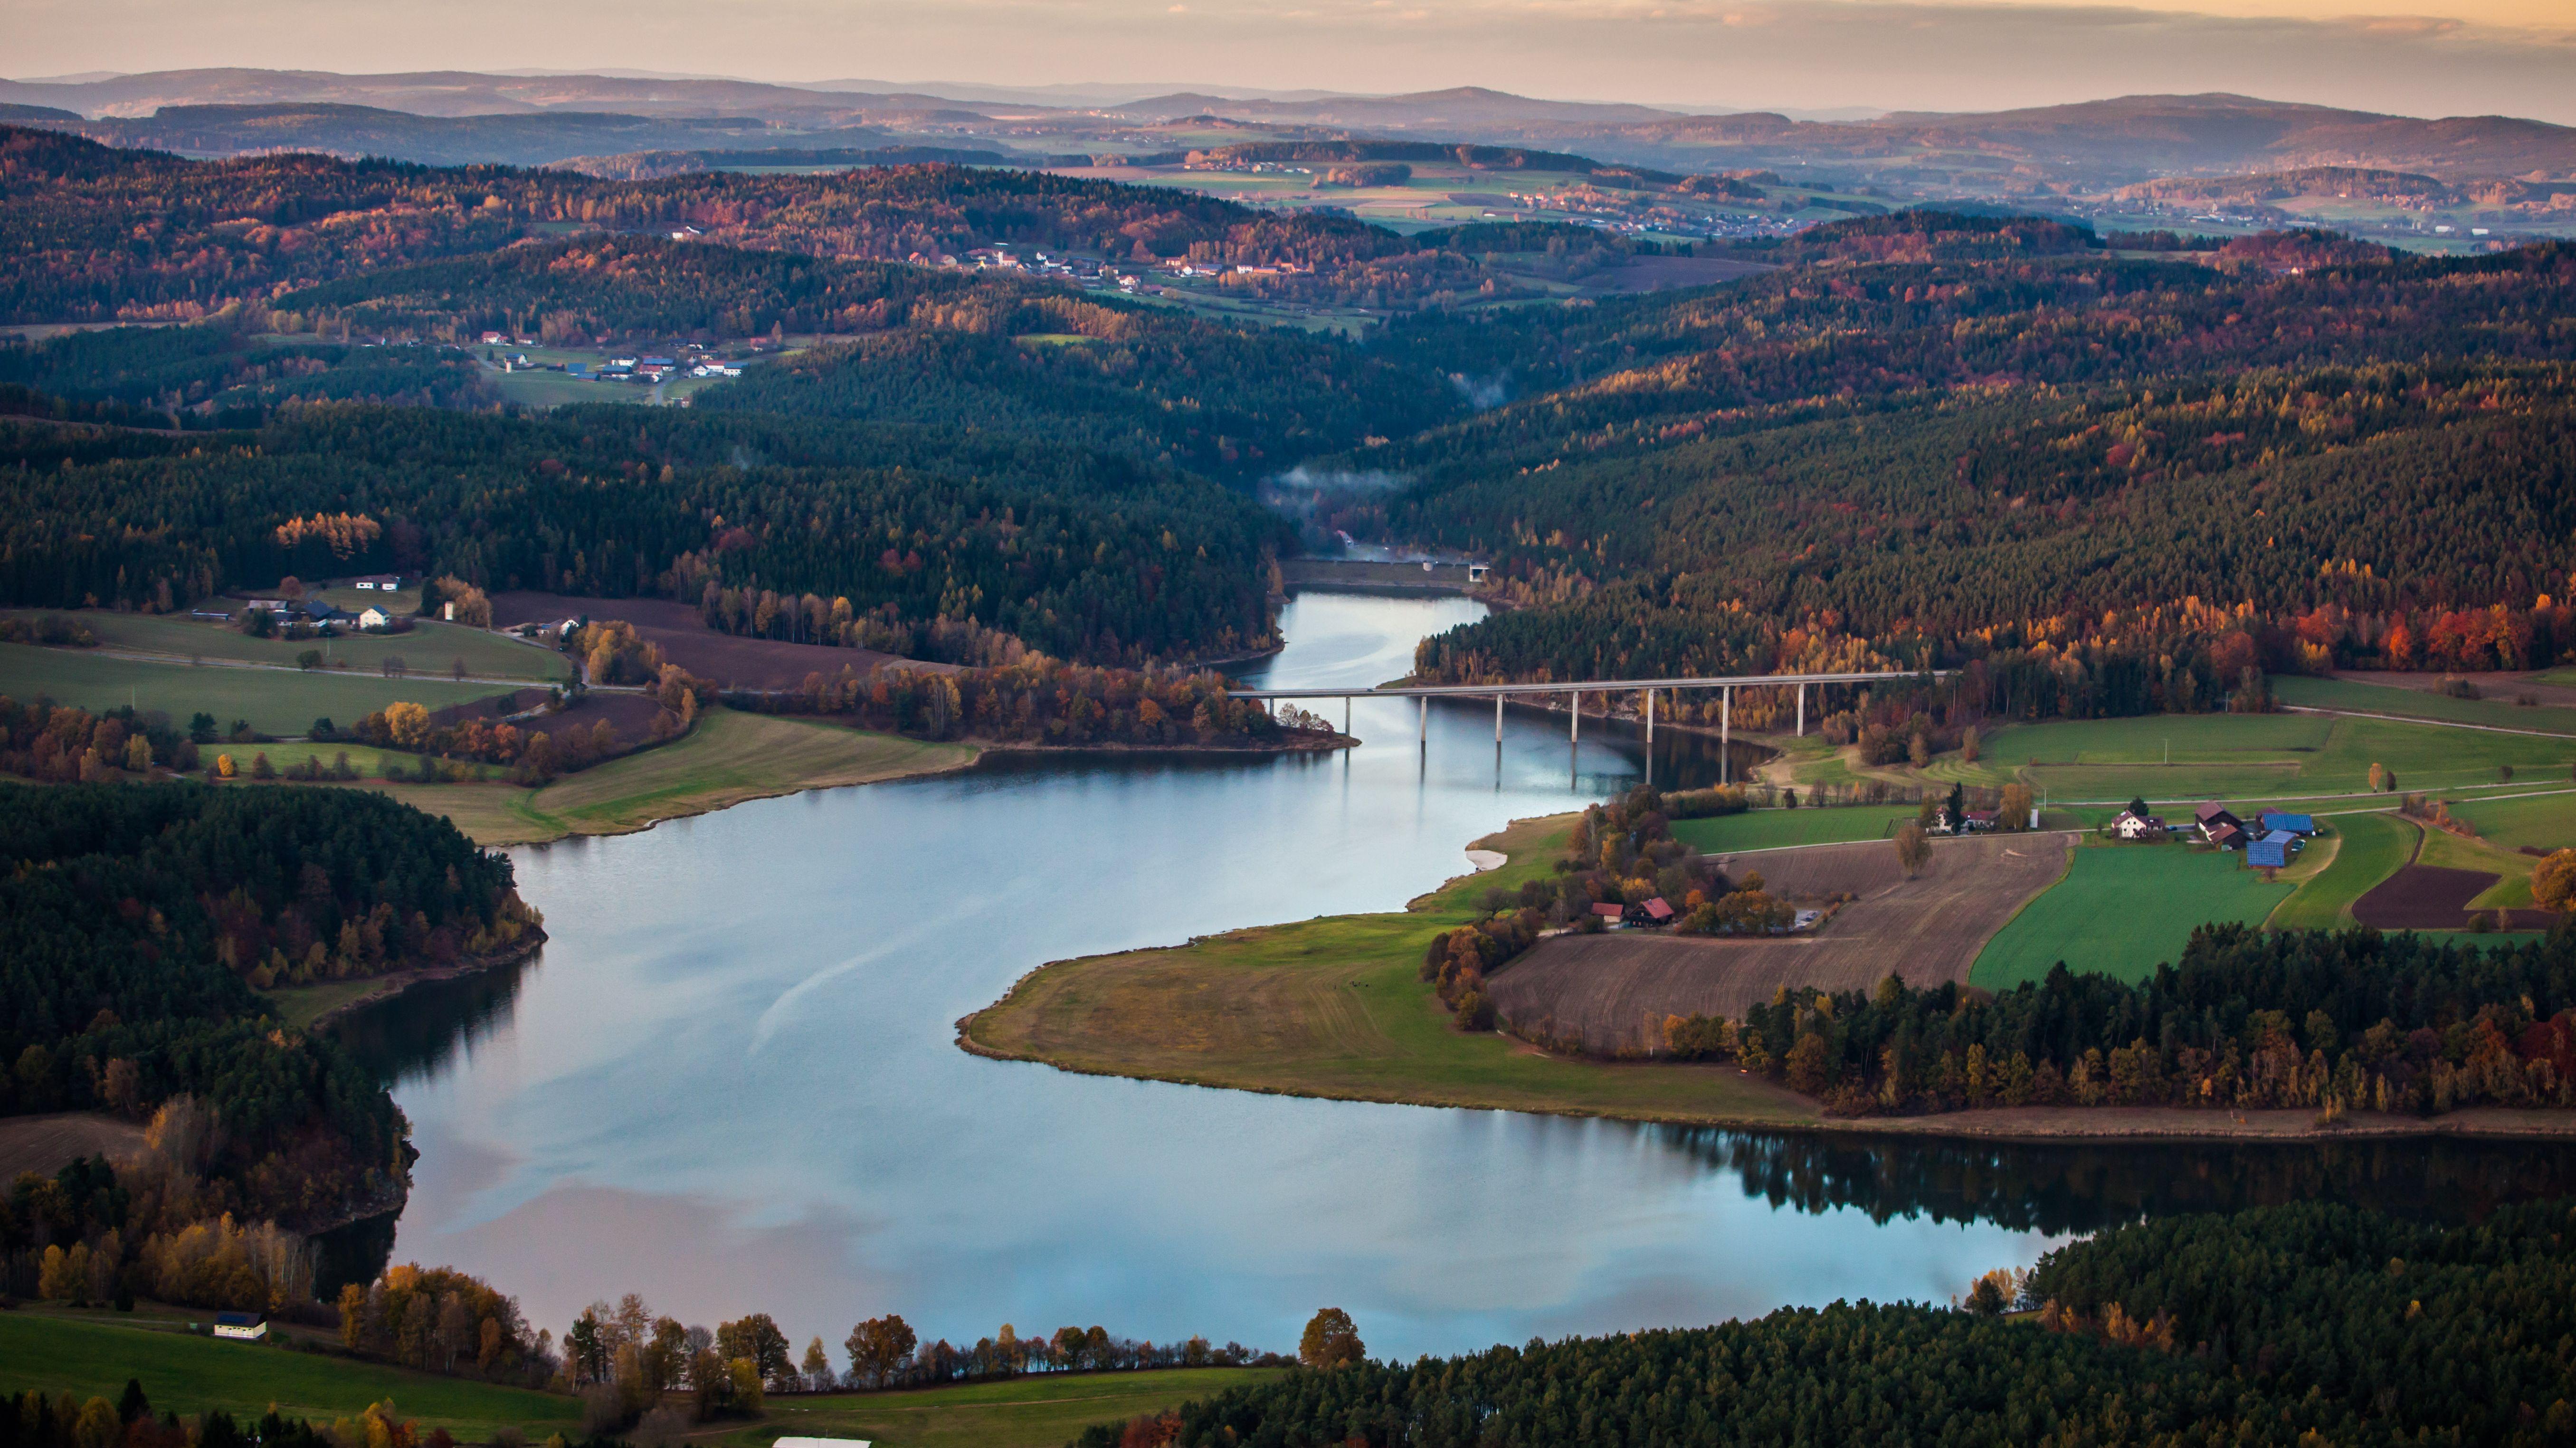 Der Eixendorfer Stausee aus der Luft. Der See entstand durch die Aufstauung der Schwarzach und ist rund 100 Hektar groß.